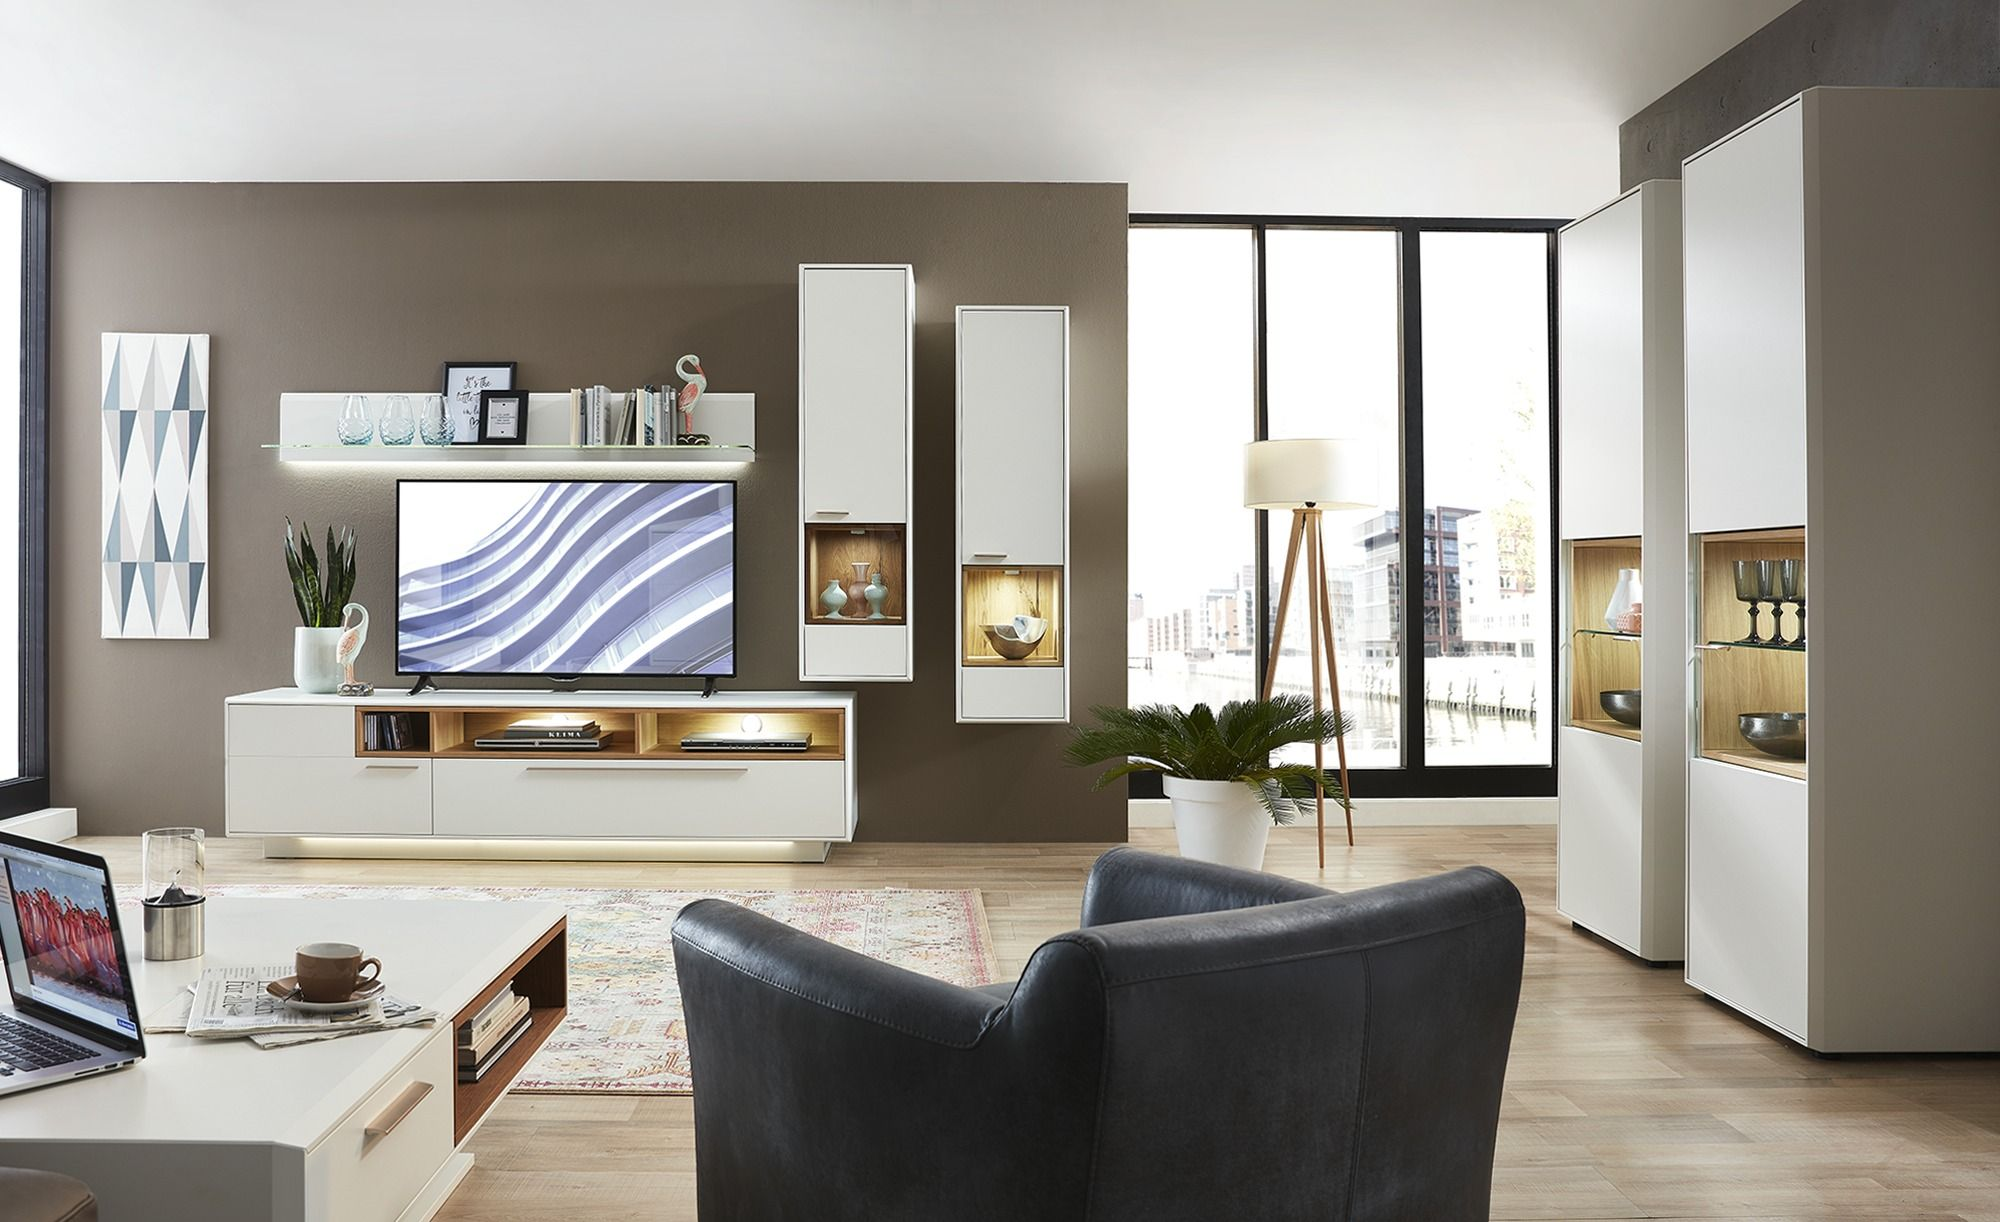 Ankleidezimmer Gestalten Beispiele Wohnzimmereinrichtung Ideen